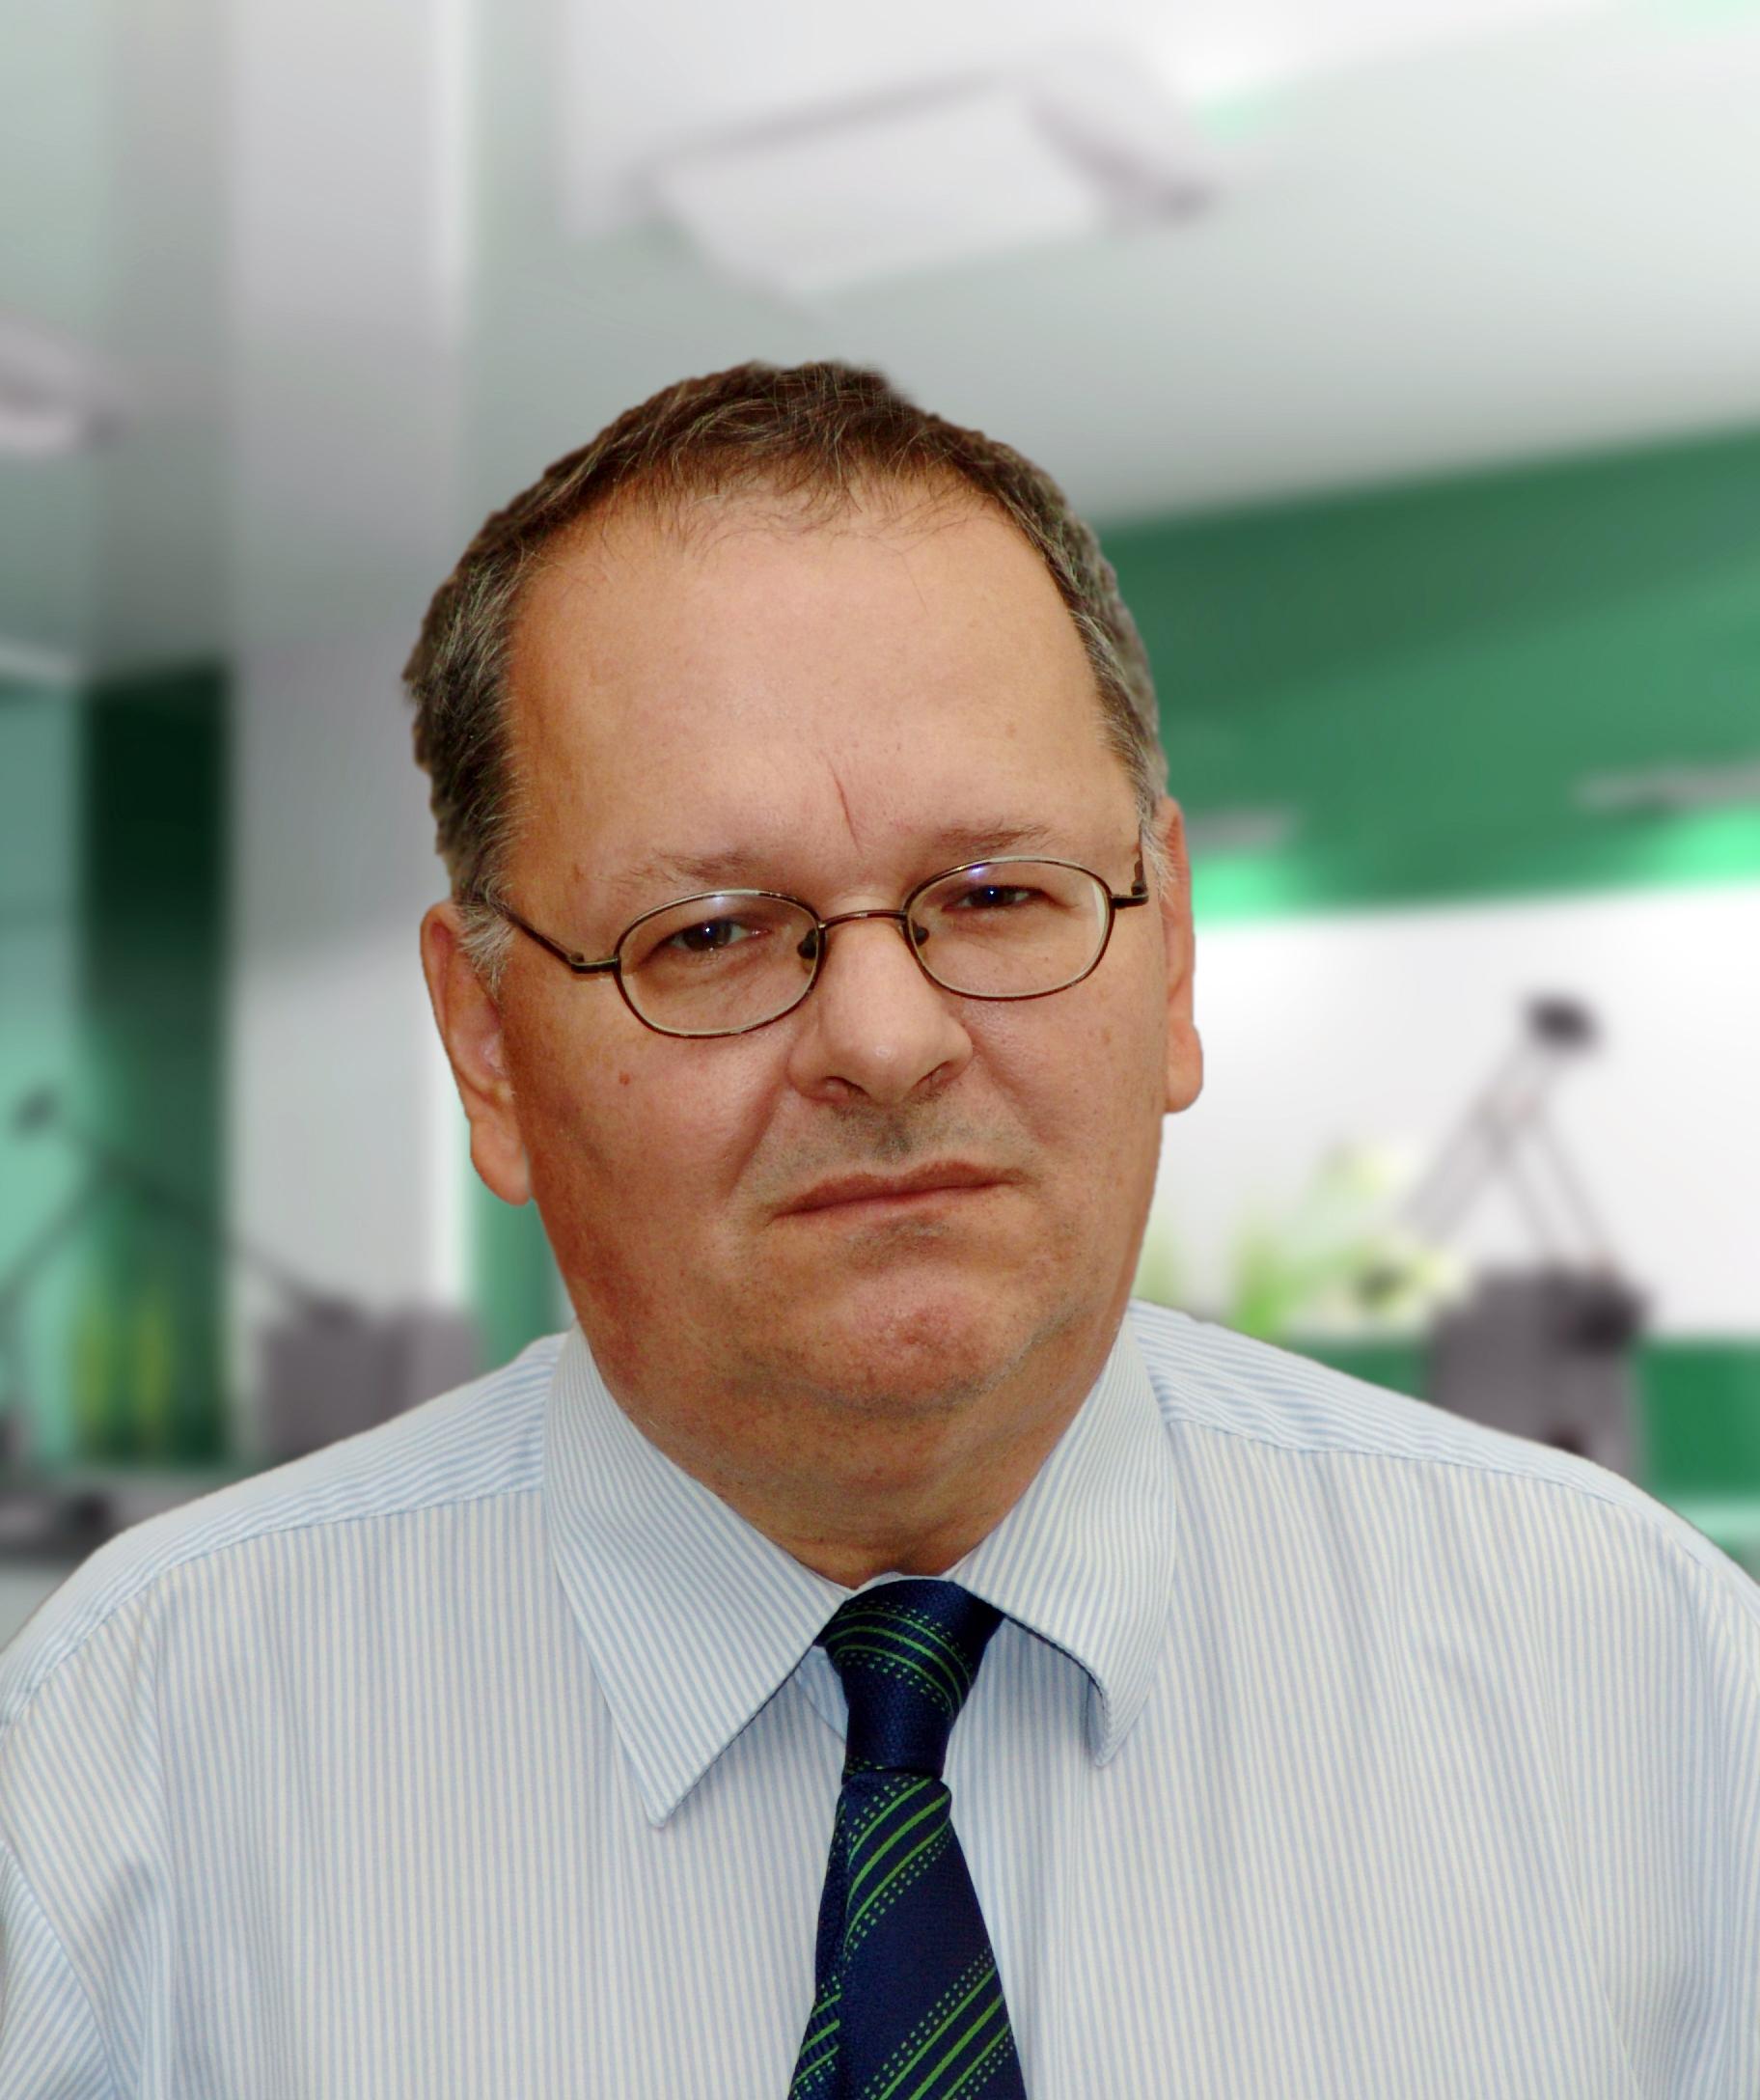 Dr. Klaus Vögl (Foto: Dr. Klaus Vögl)